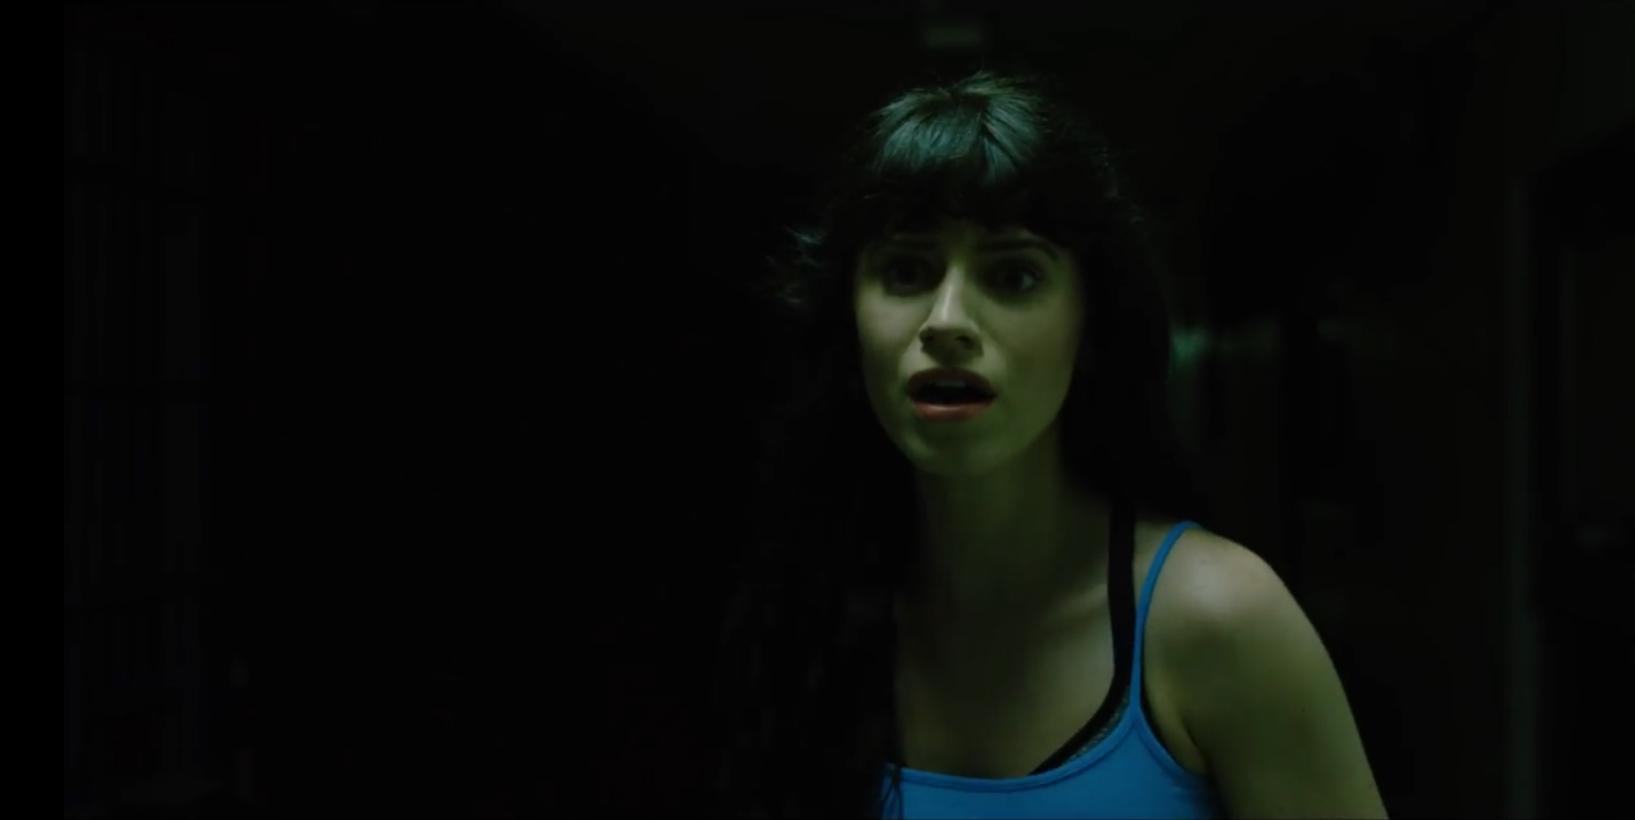 فيلم Devil's Acid 2017 مترجم